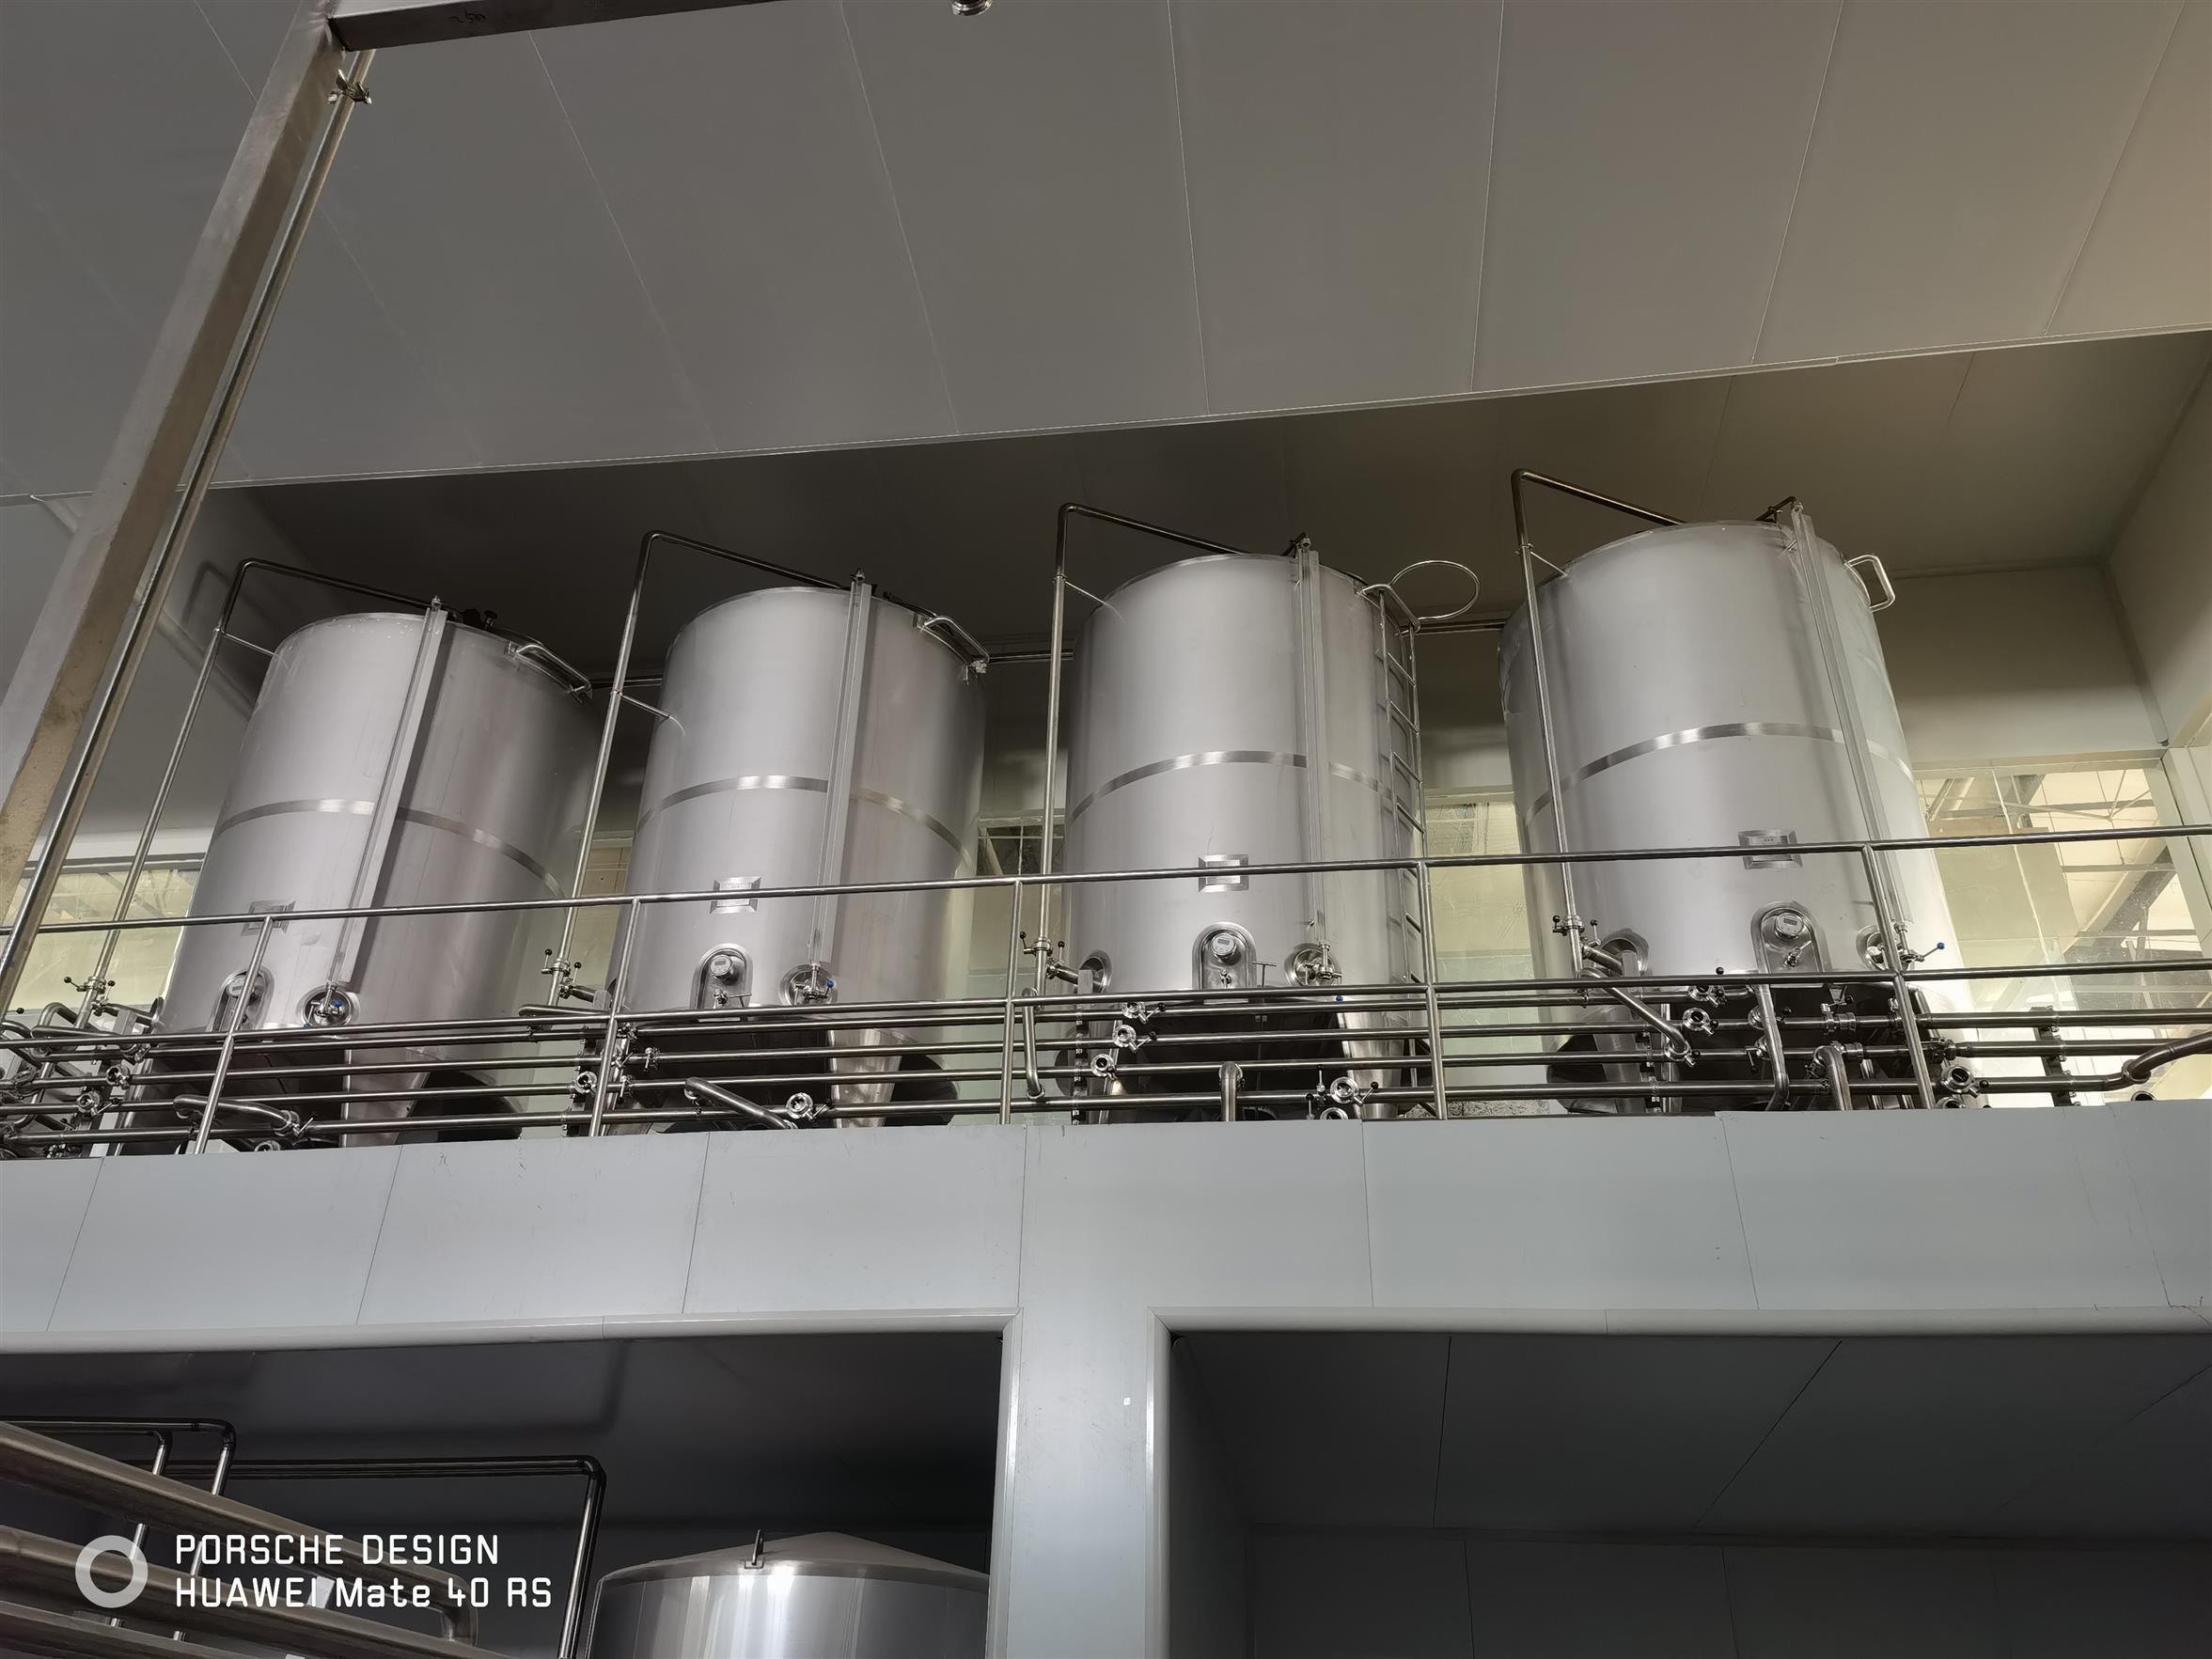 孝感回收乳品厂设备出售